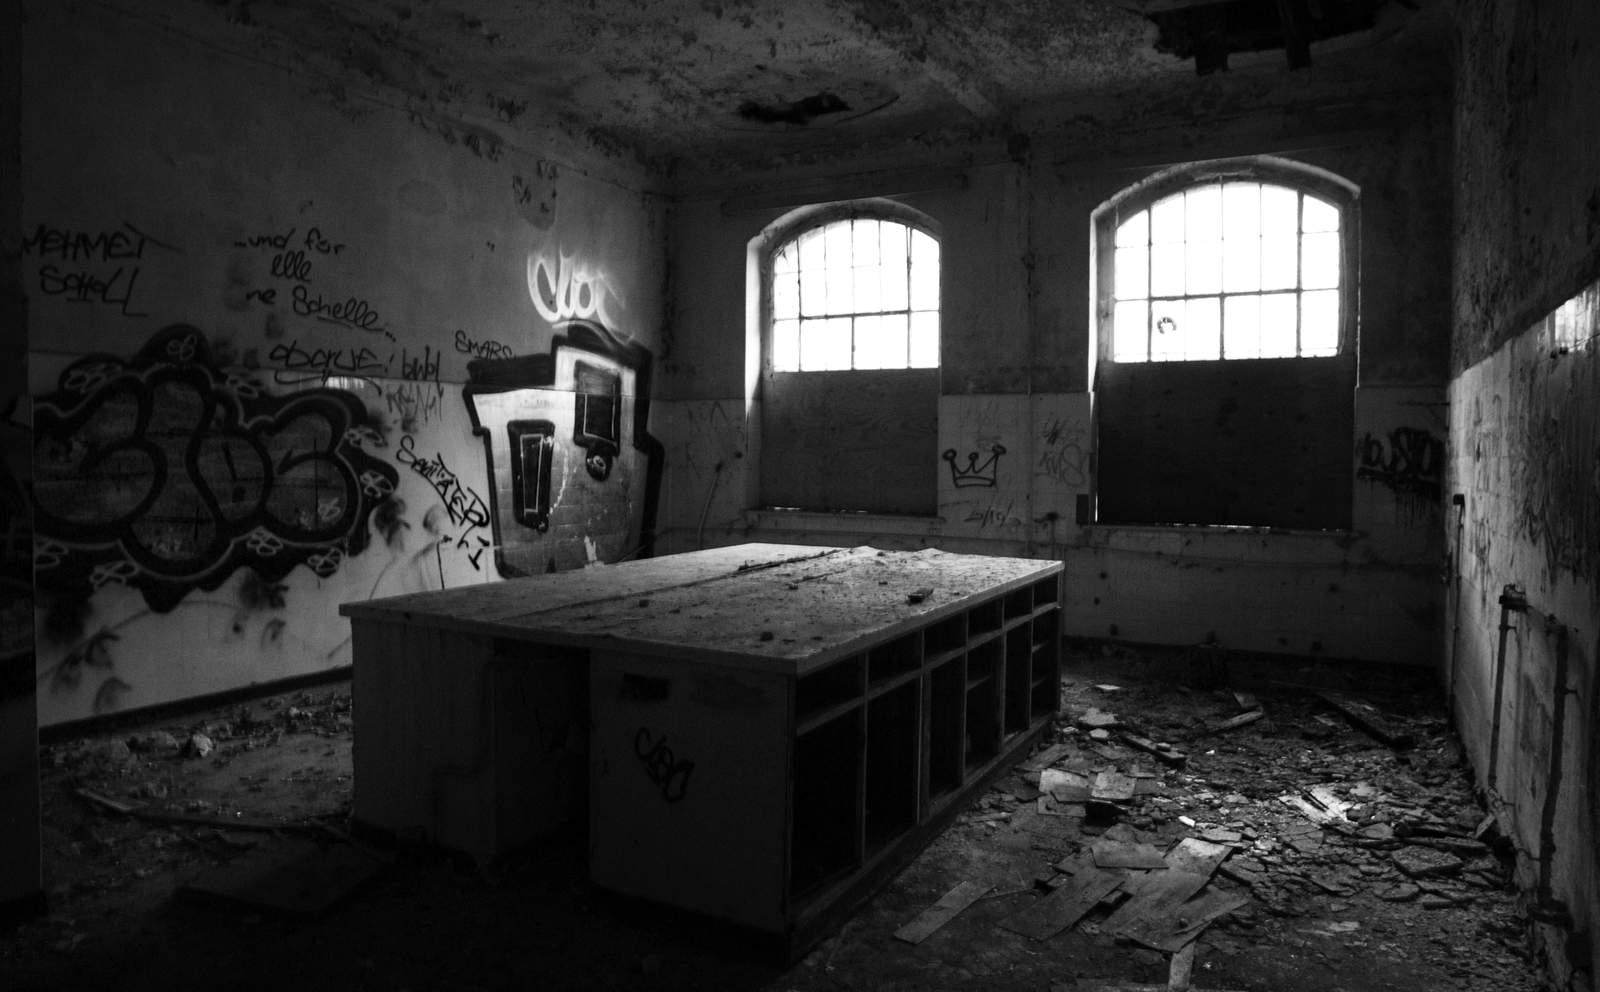 beelitz heilstatten3 Abandoned Beelitz Heilstatten Hospital